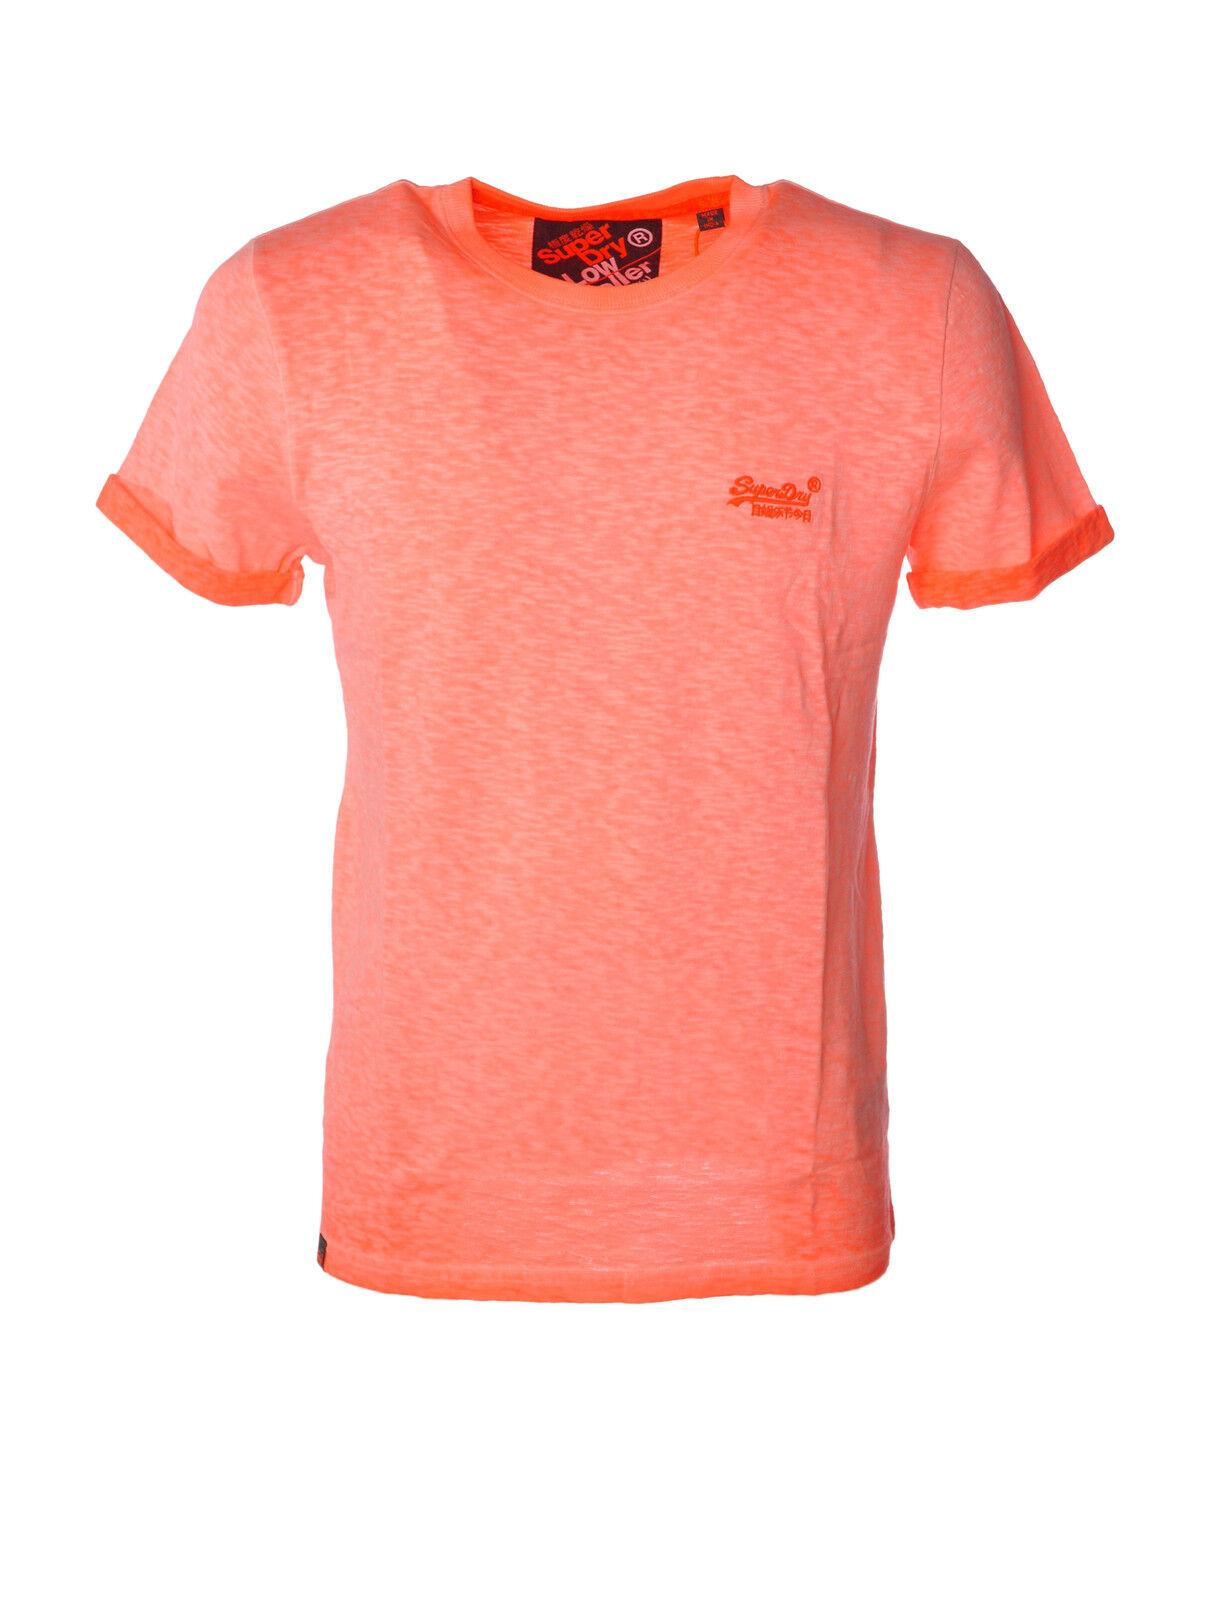 Superdry - Topwear-T-shirts - Man - Orange - 3486502H184123